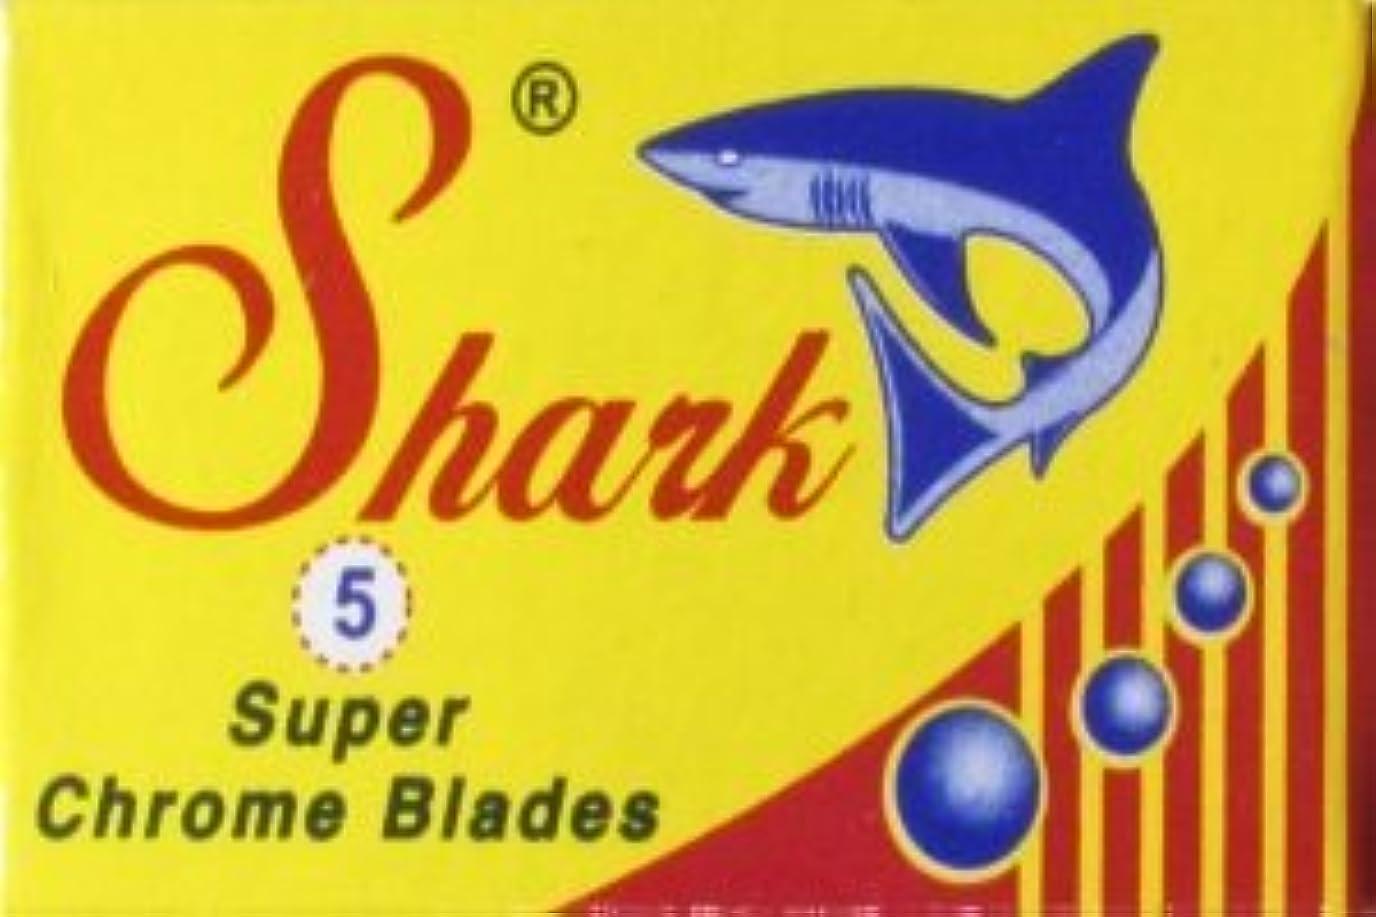 付き添い人密輸製造Shark Super Chrome 両刃替刃 5枚入り(5枚入り1 個セット)【並行輸入品】